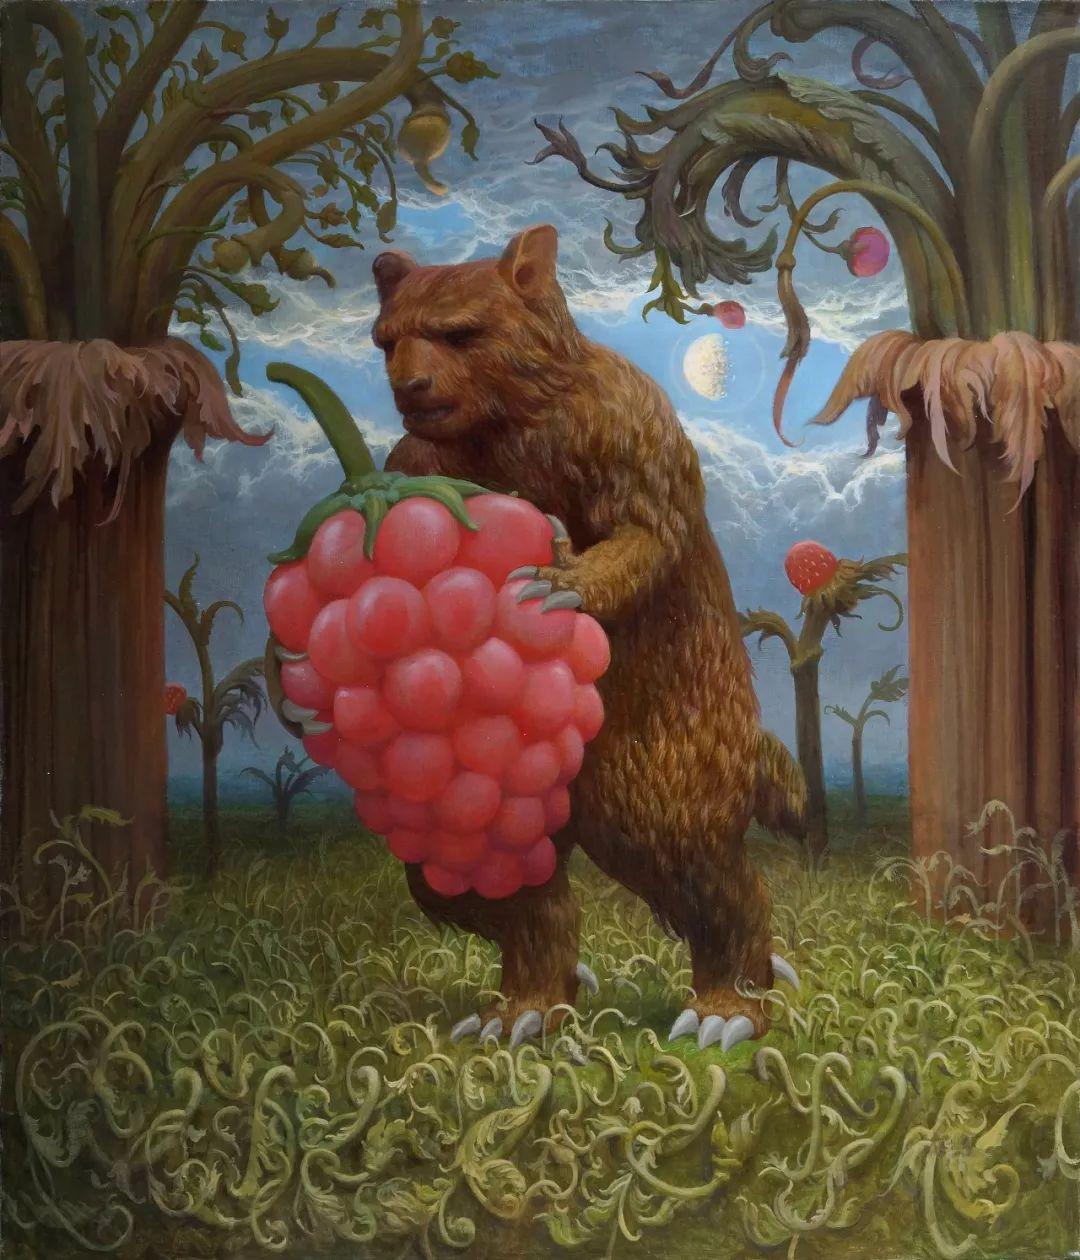 梦幻写实风景,俄罗斯画家亚历山大·赛义多夫作品二插图49